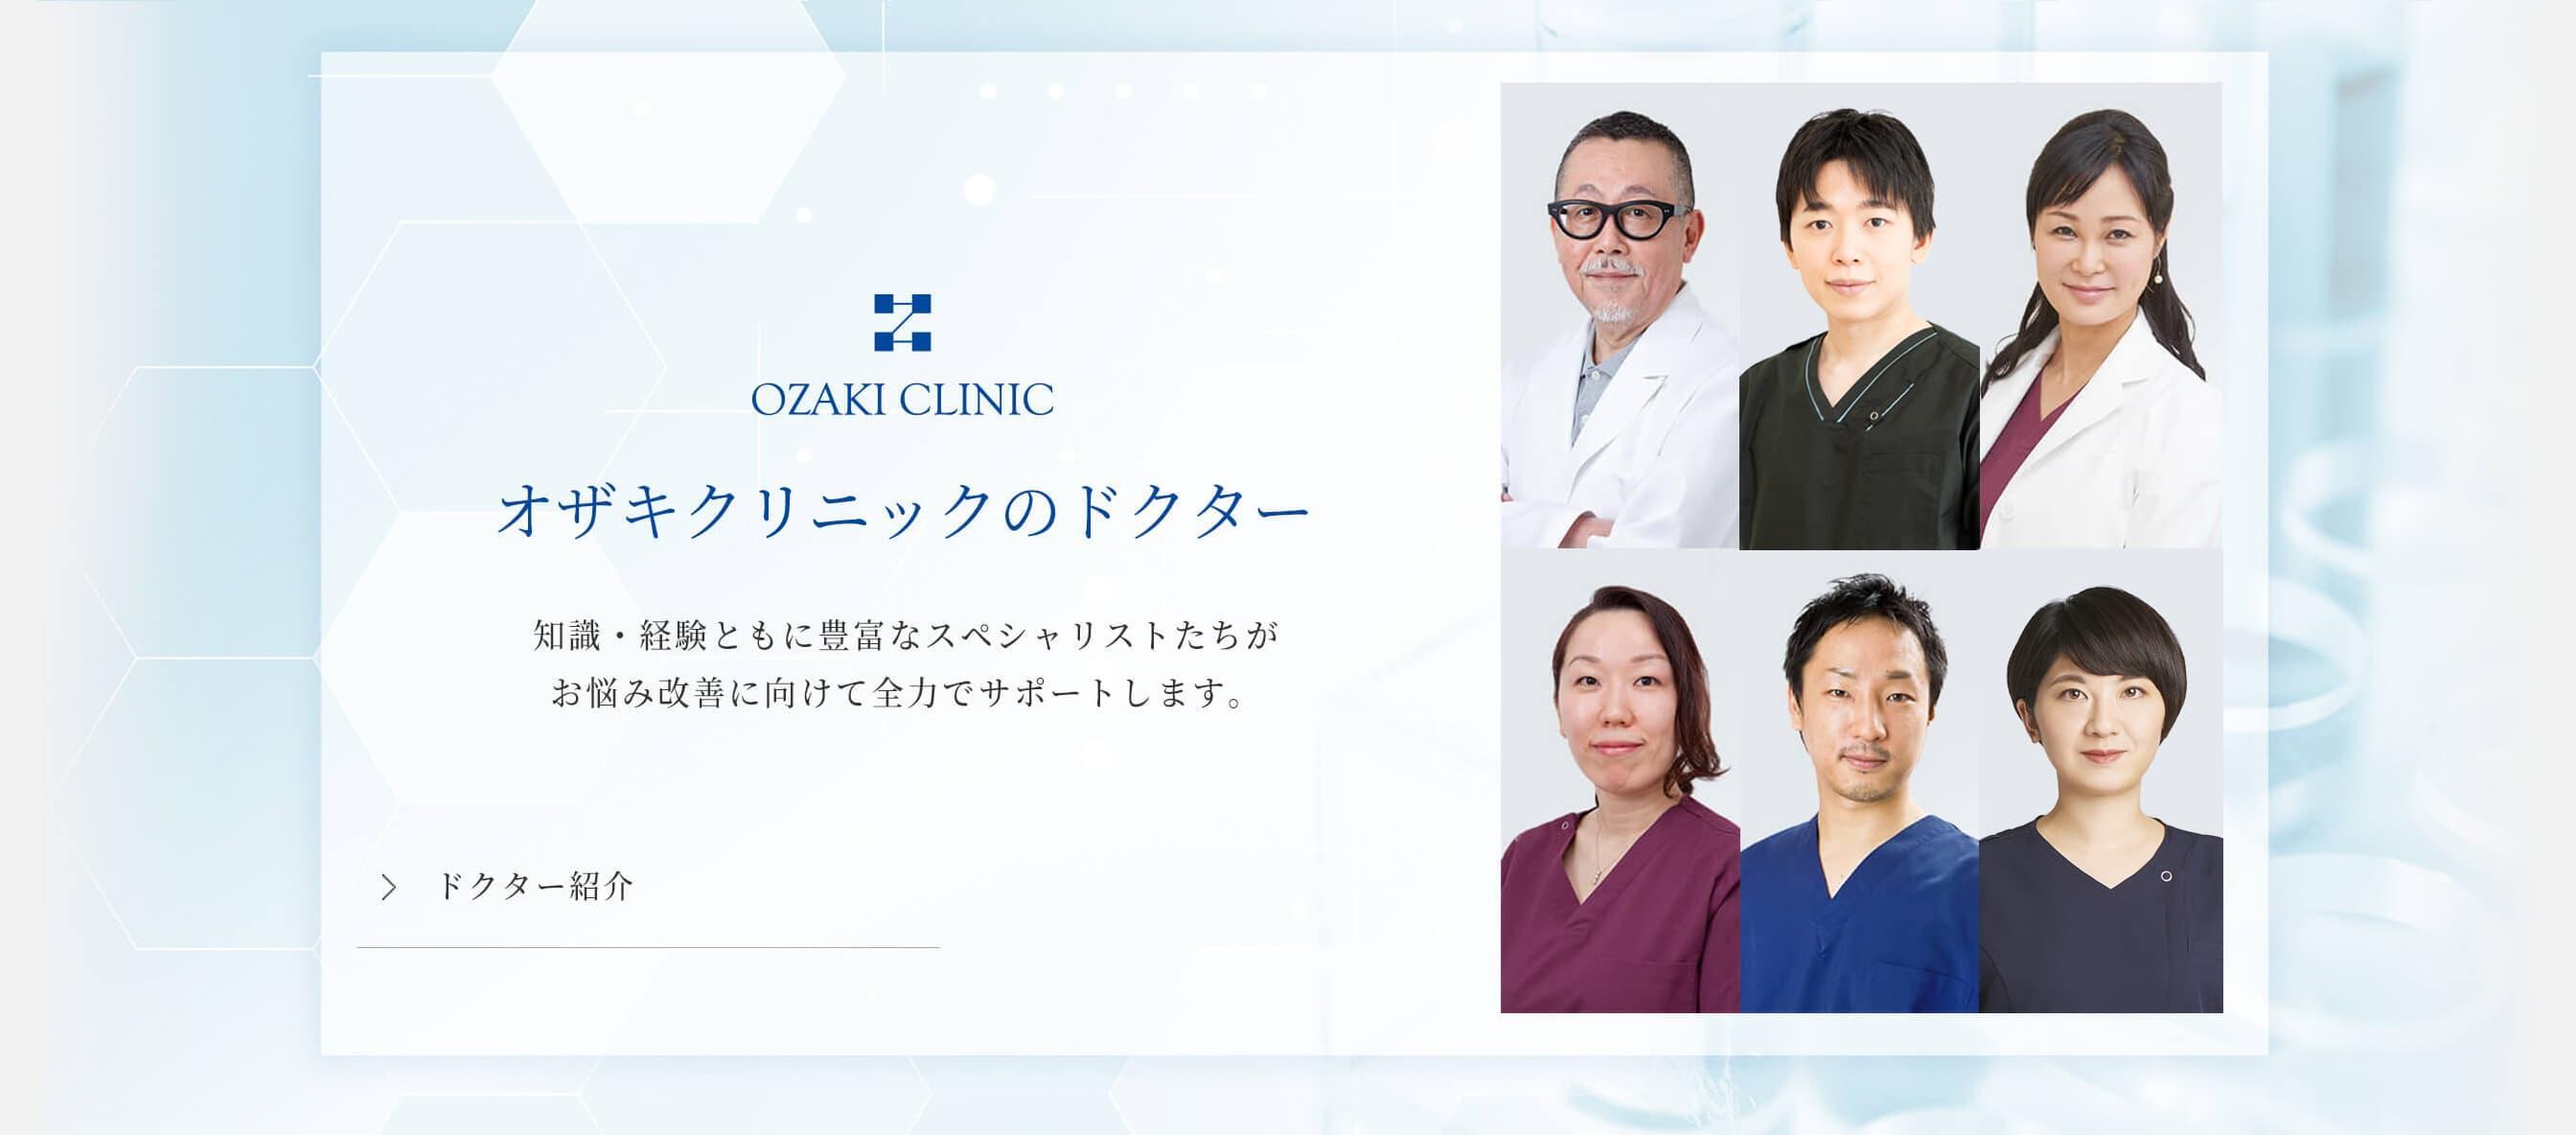 オザキクリニックのドクター 知識・経験ともに豊富なスペシャリストたちがお悩み改善に向けて全力でサポートします。